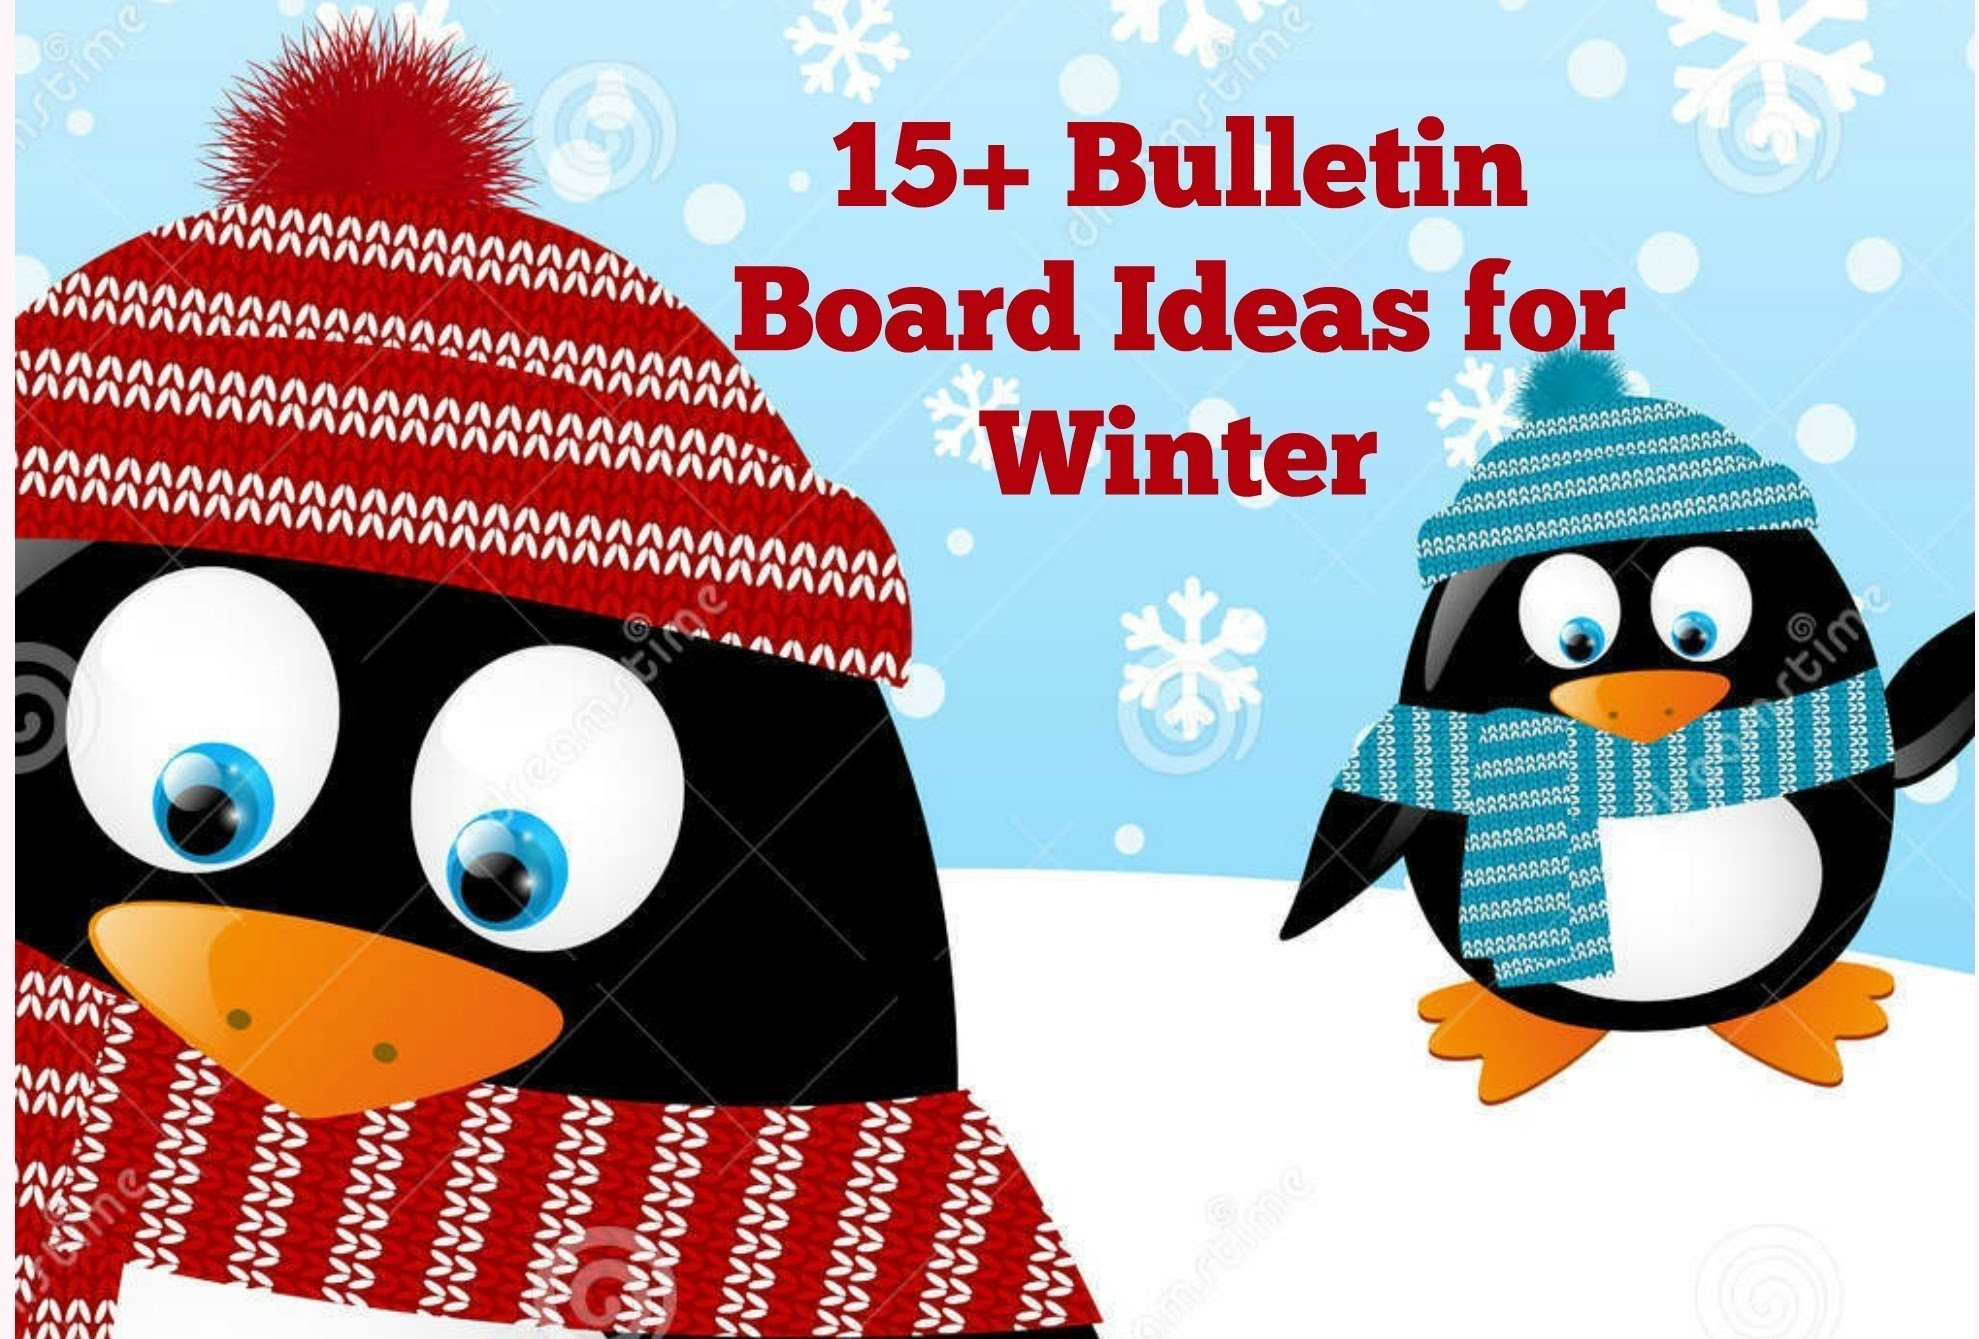 bulletin board ideas for winter - youtube